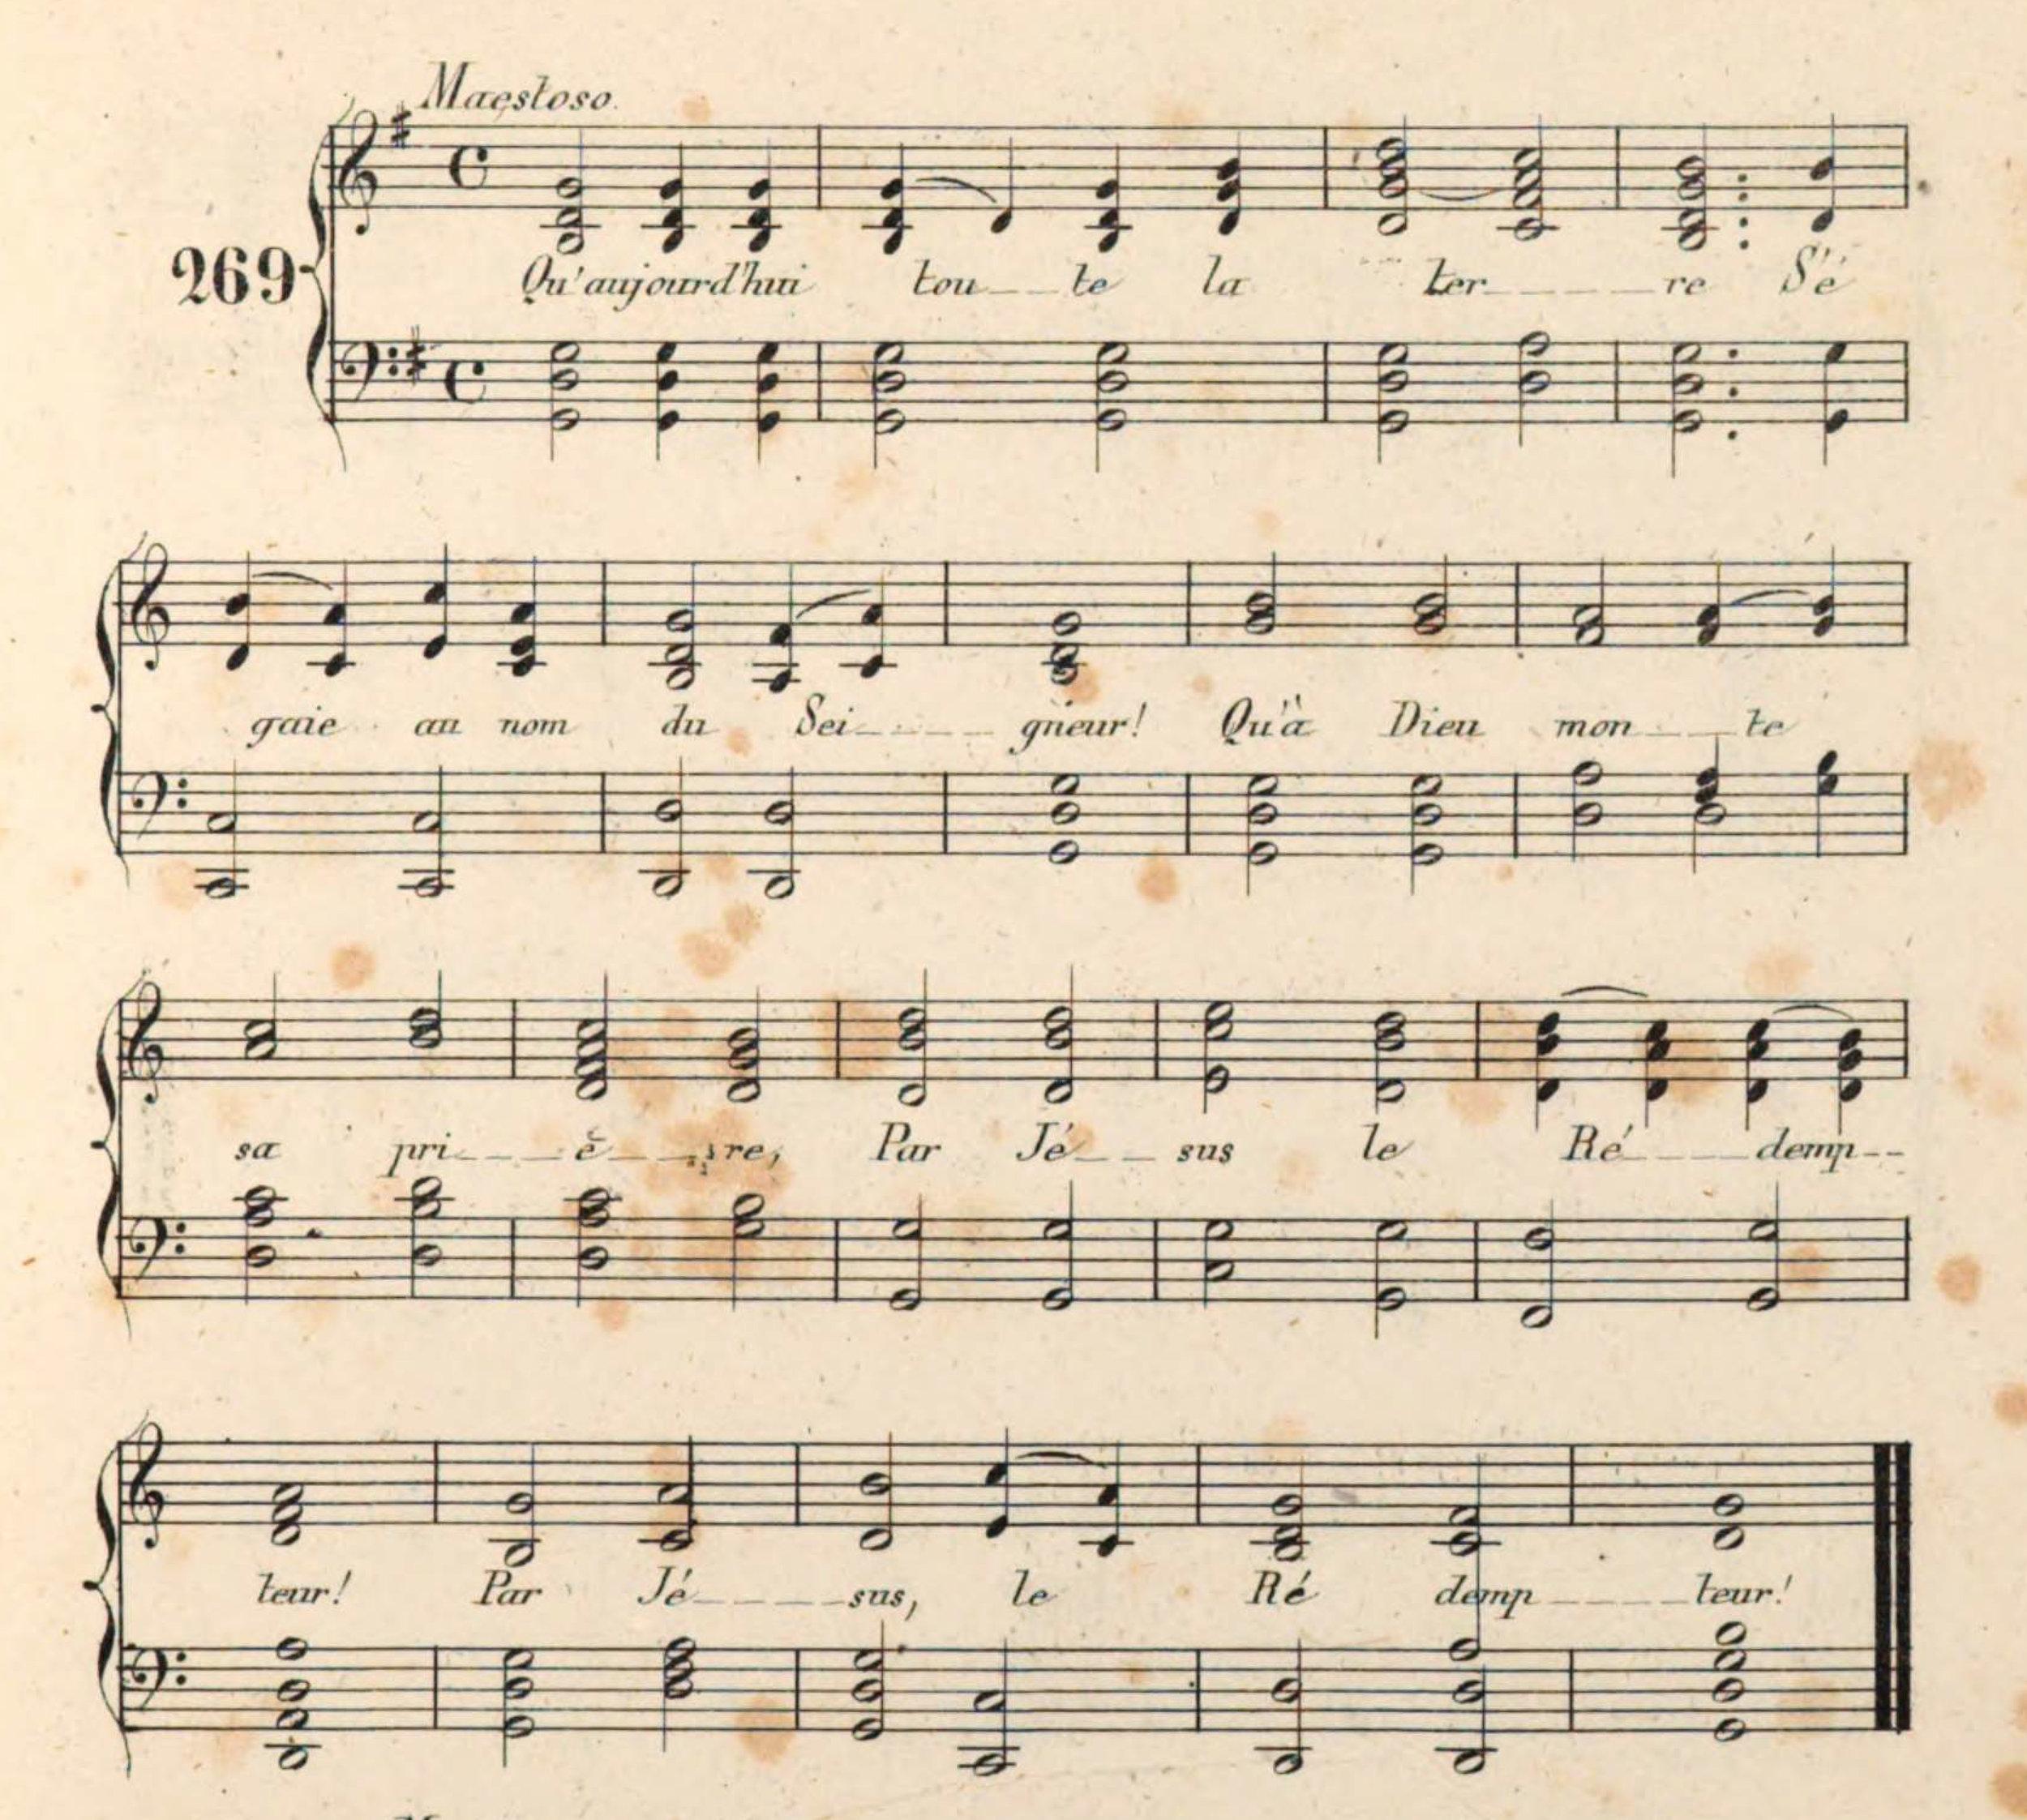 Fig. 5.   Musique des Chants de Sion  (Geneva, 1837; 1843 ed. shown here).